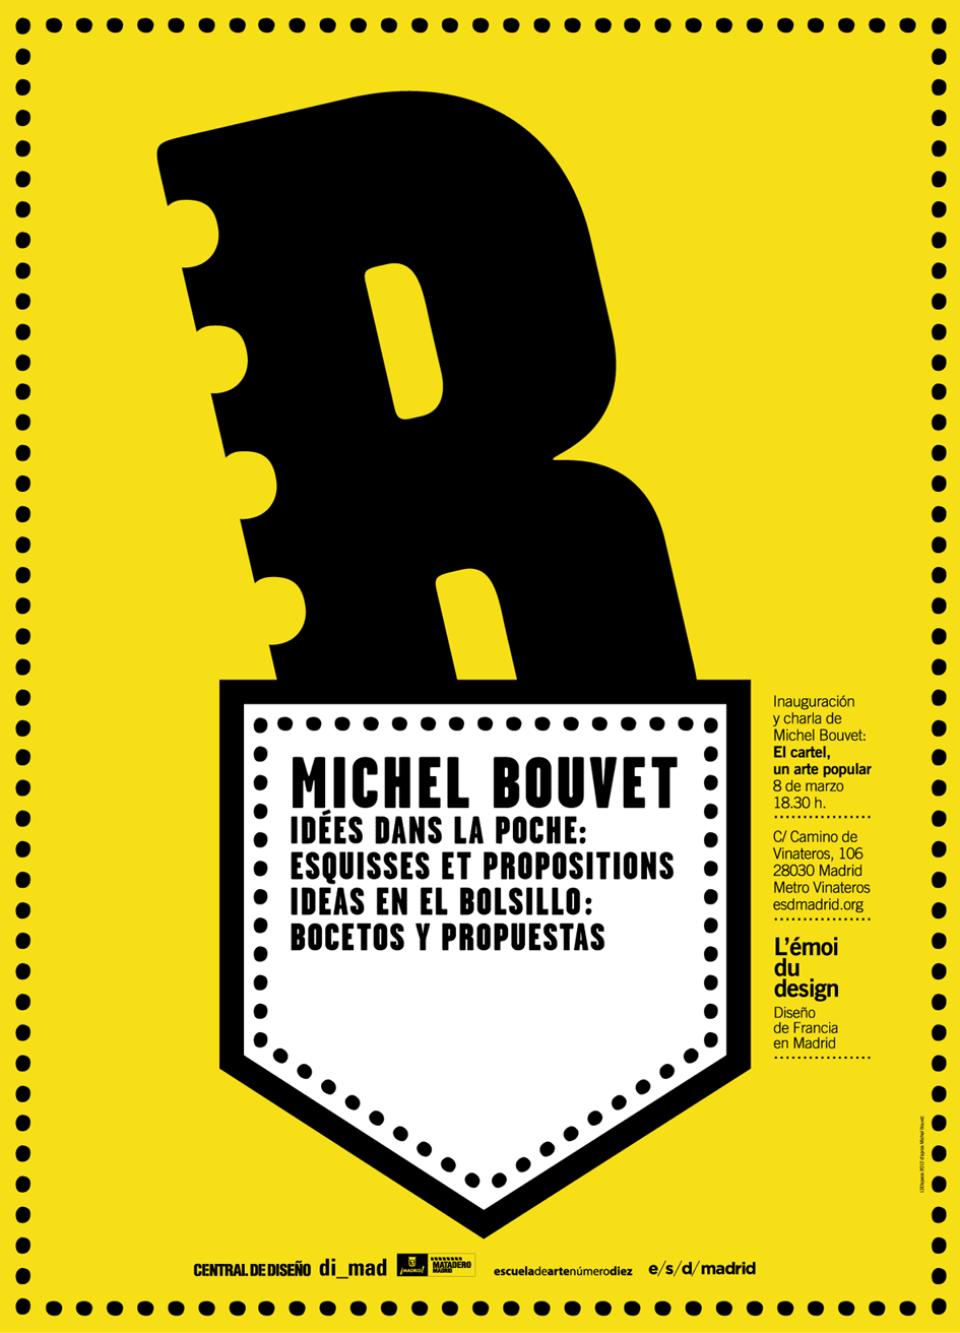 Cartel promocional de una charla de Michel Bouvet con su propio diseño